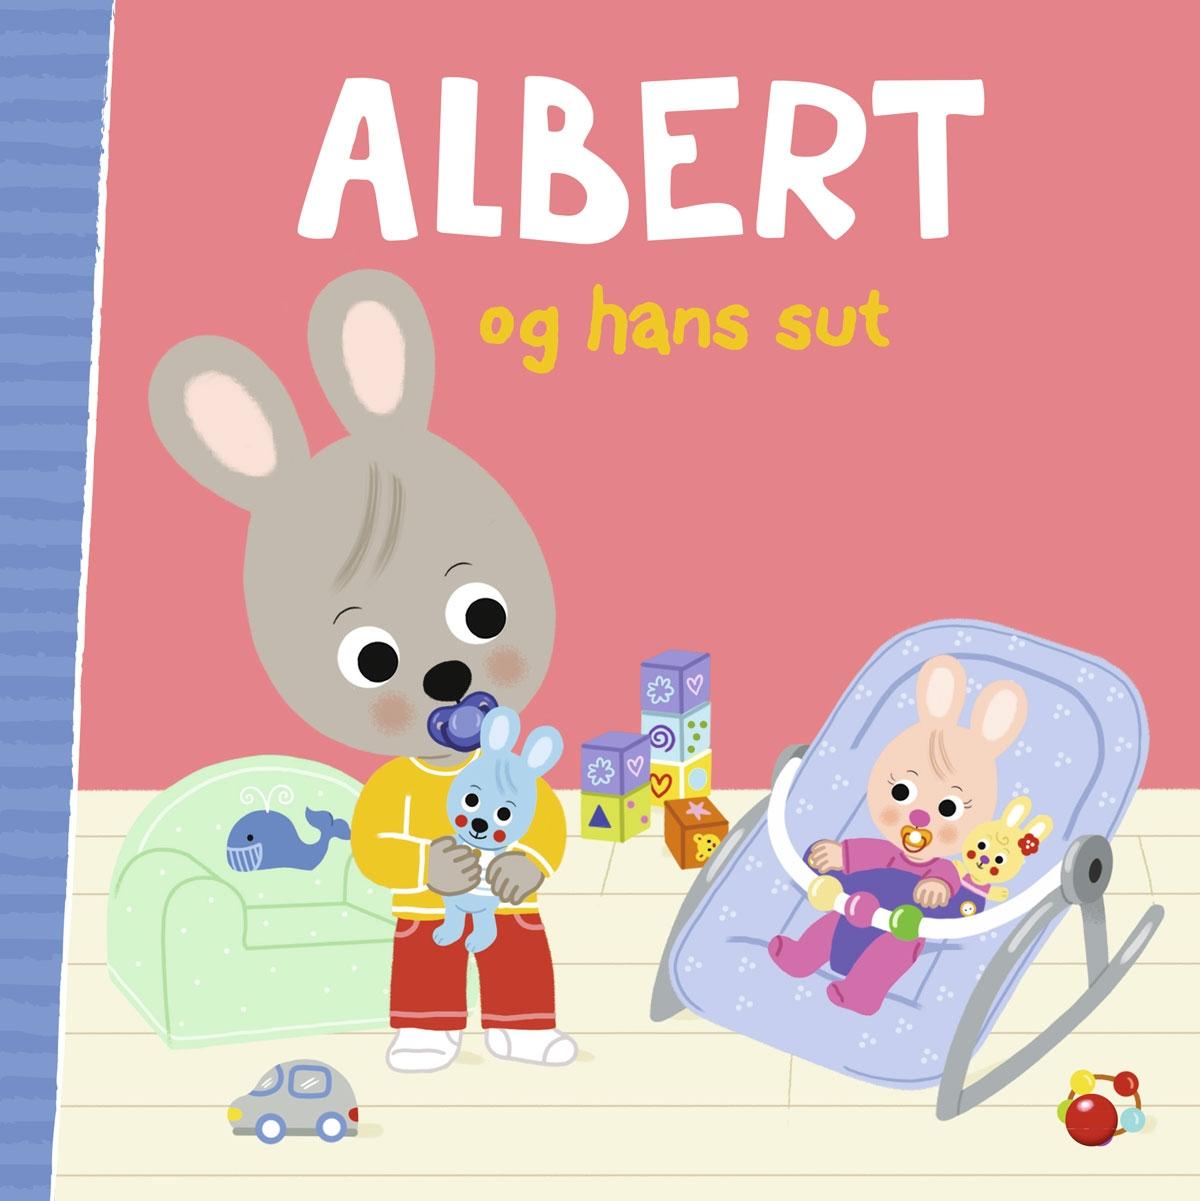 Albert og hans sut